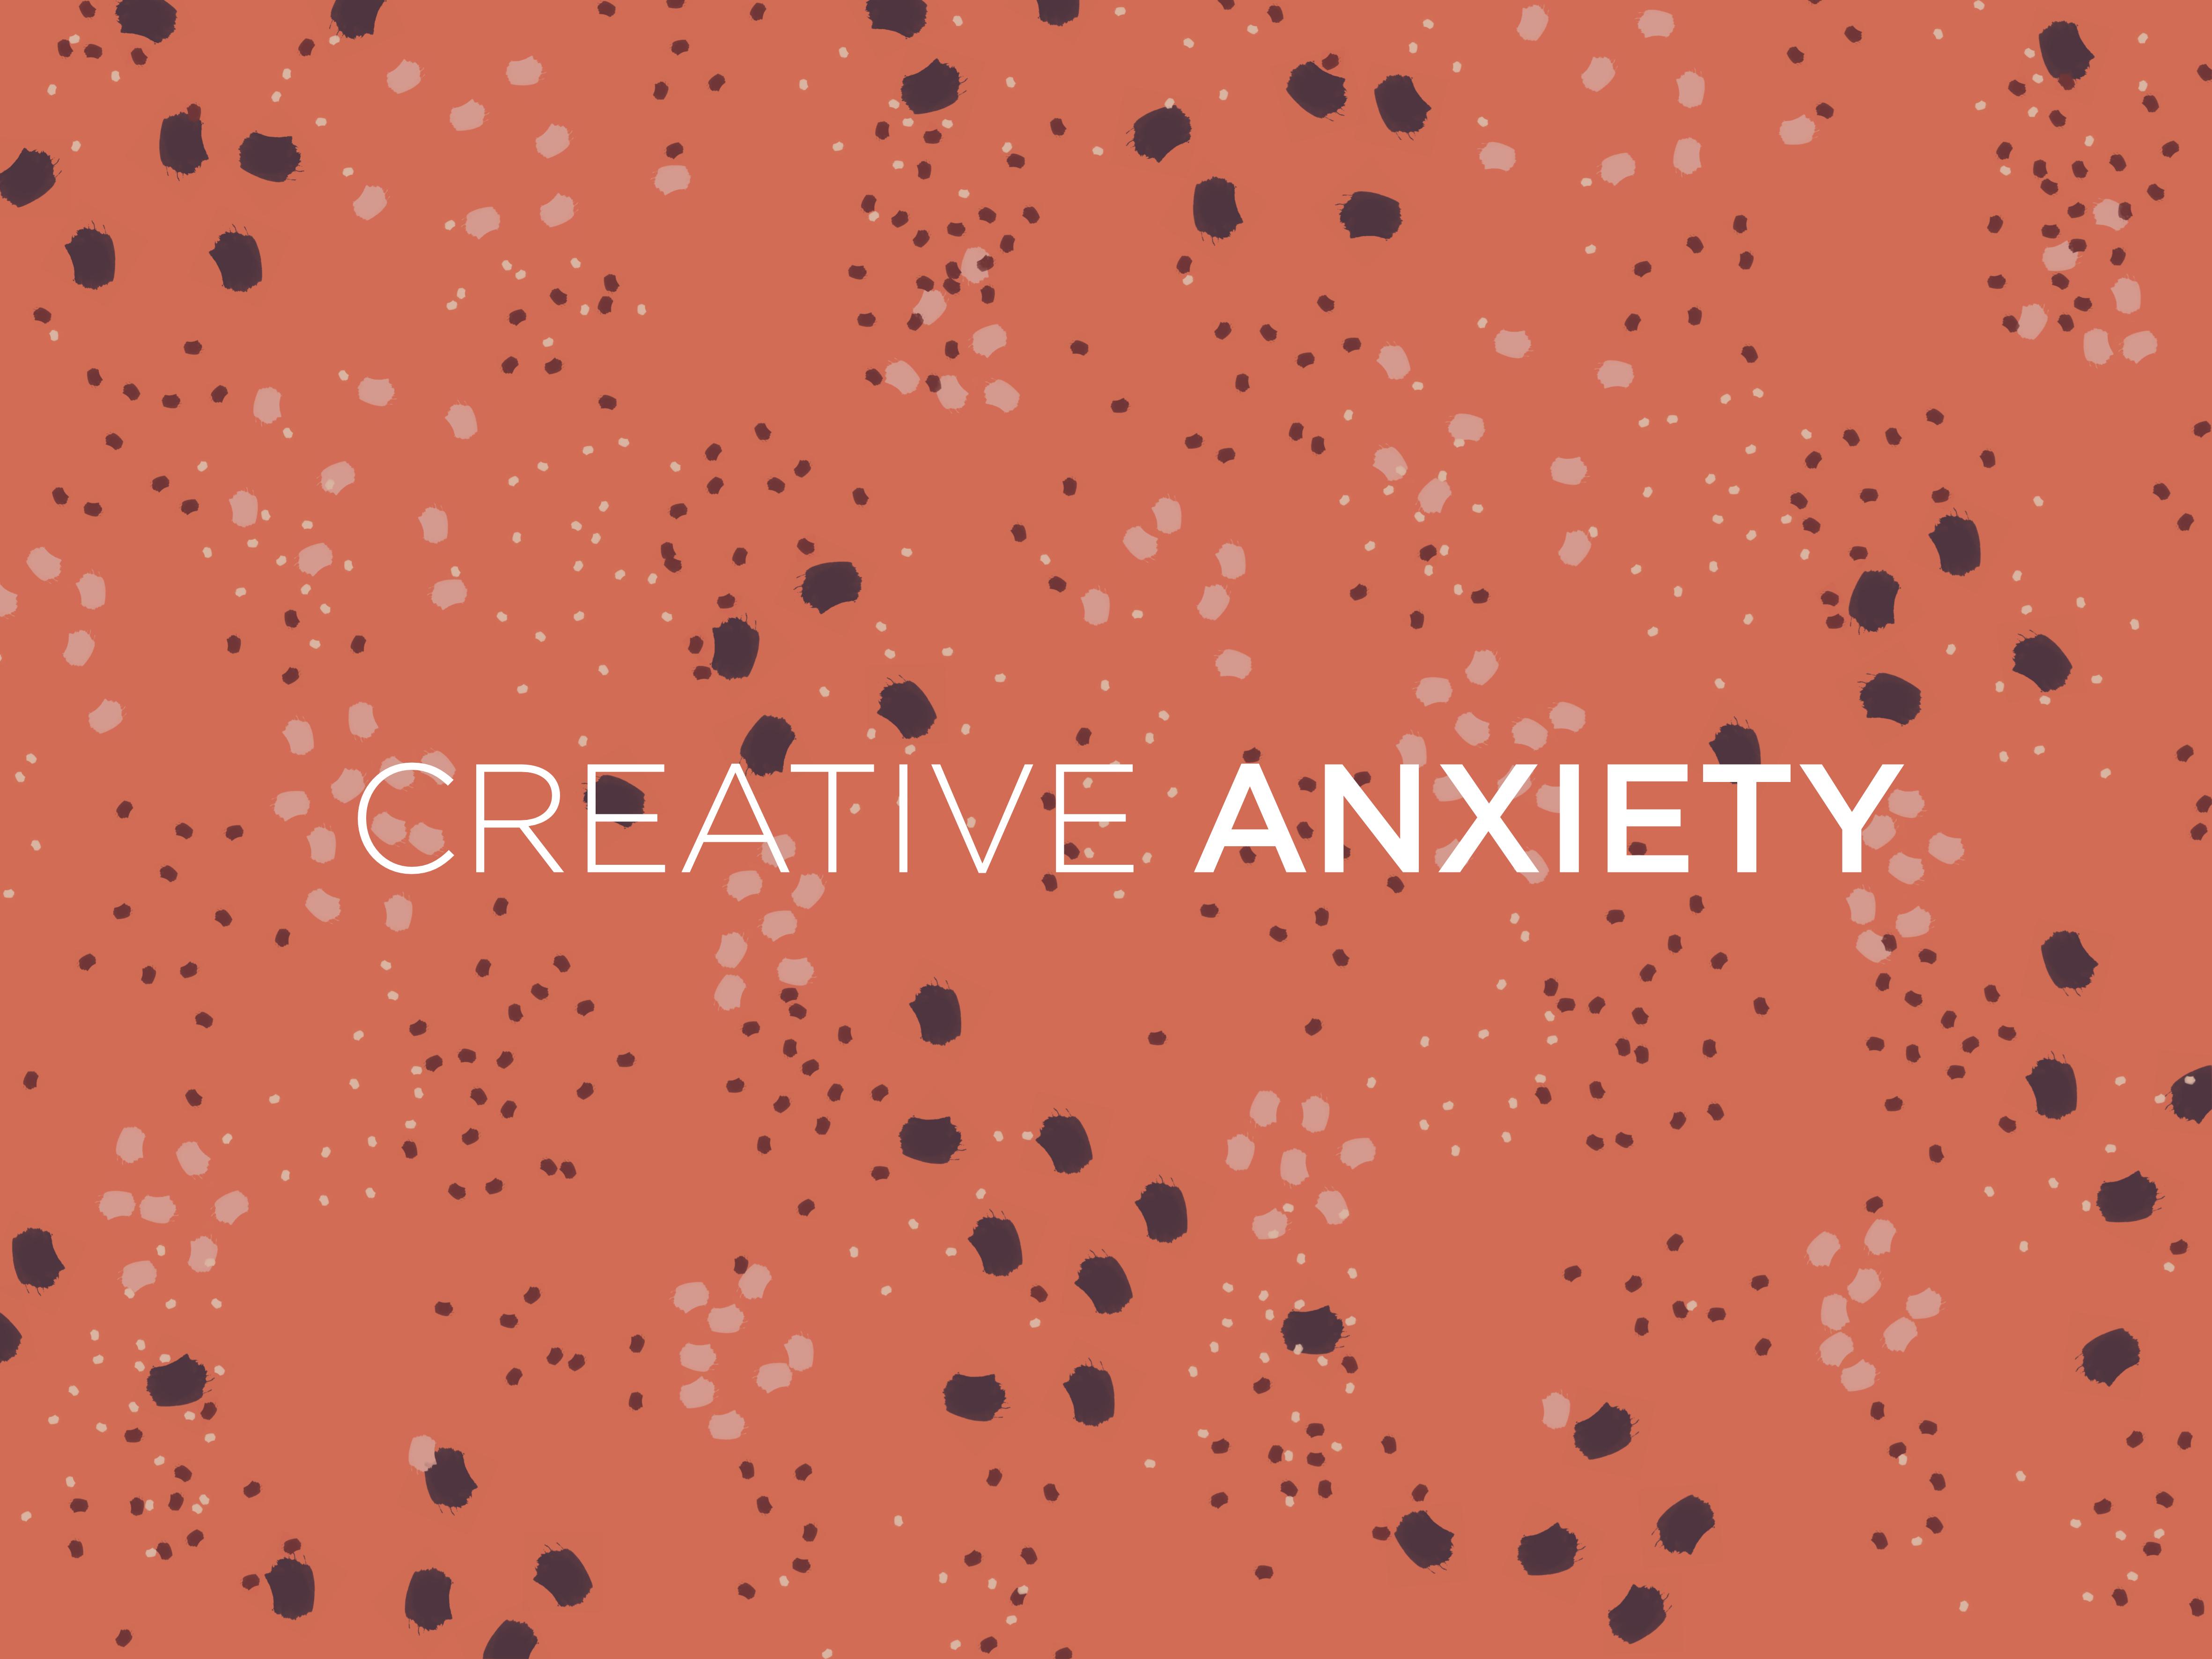 Creative anxiety